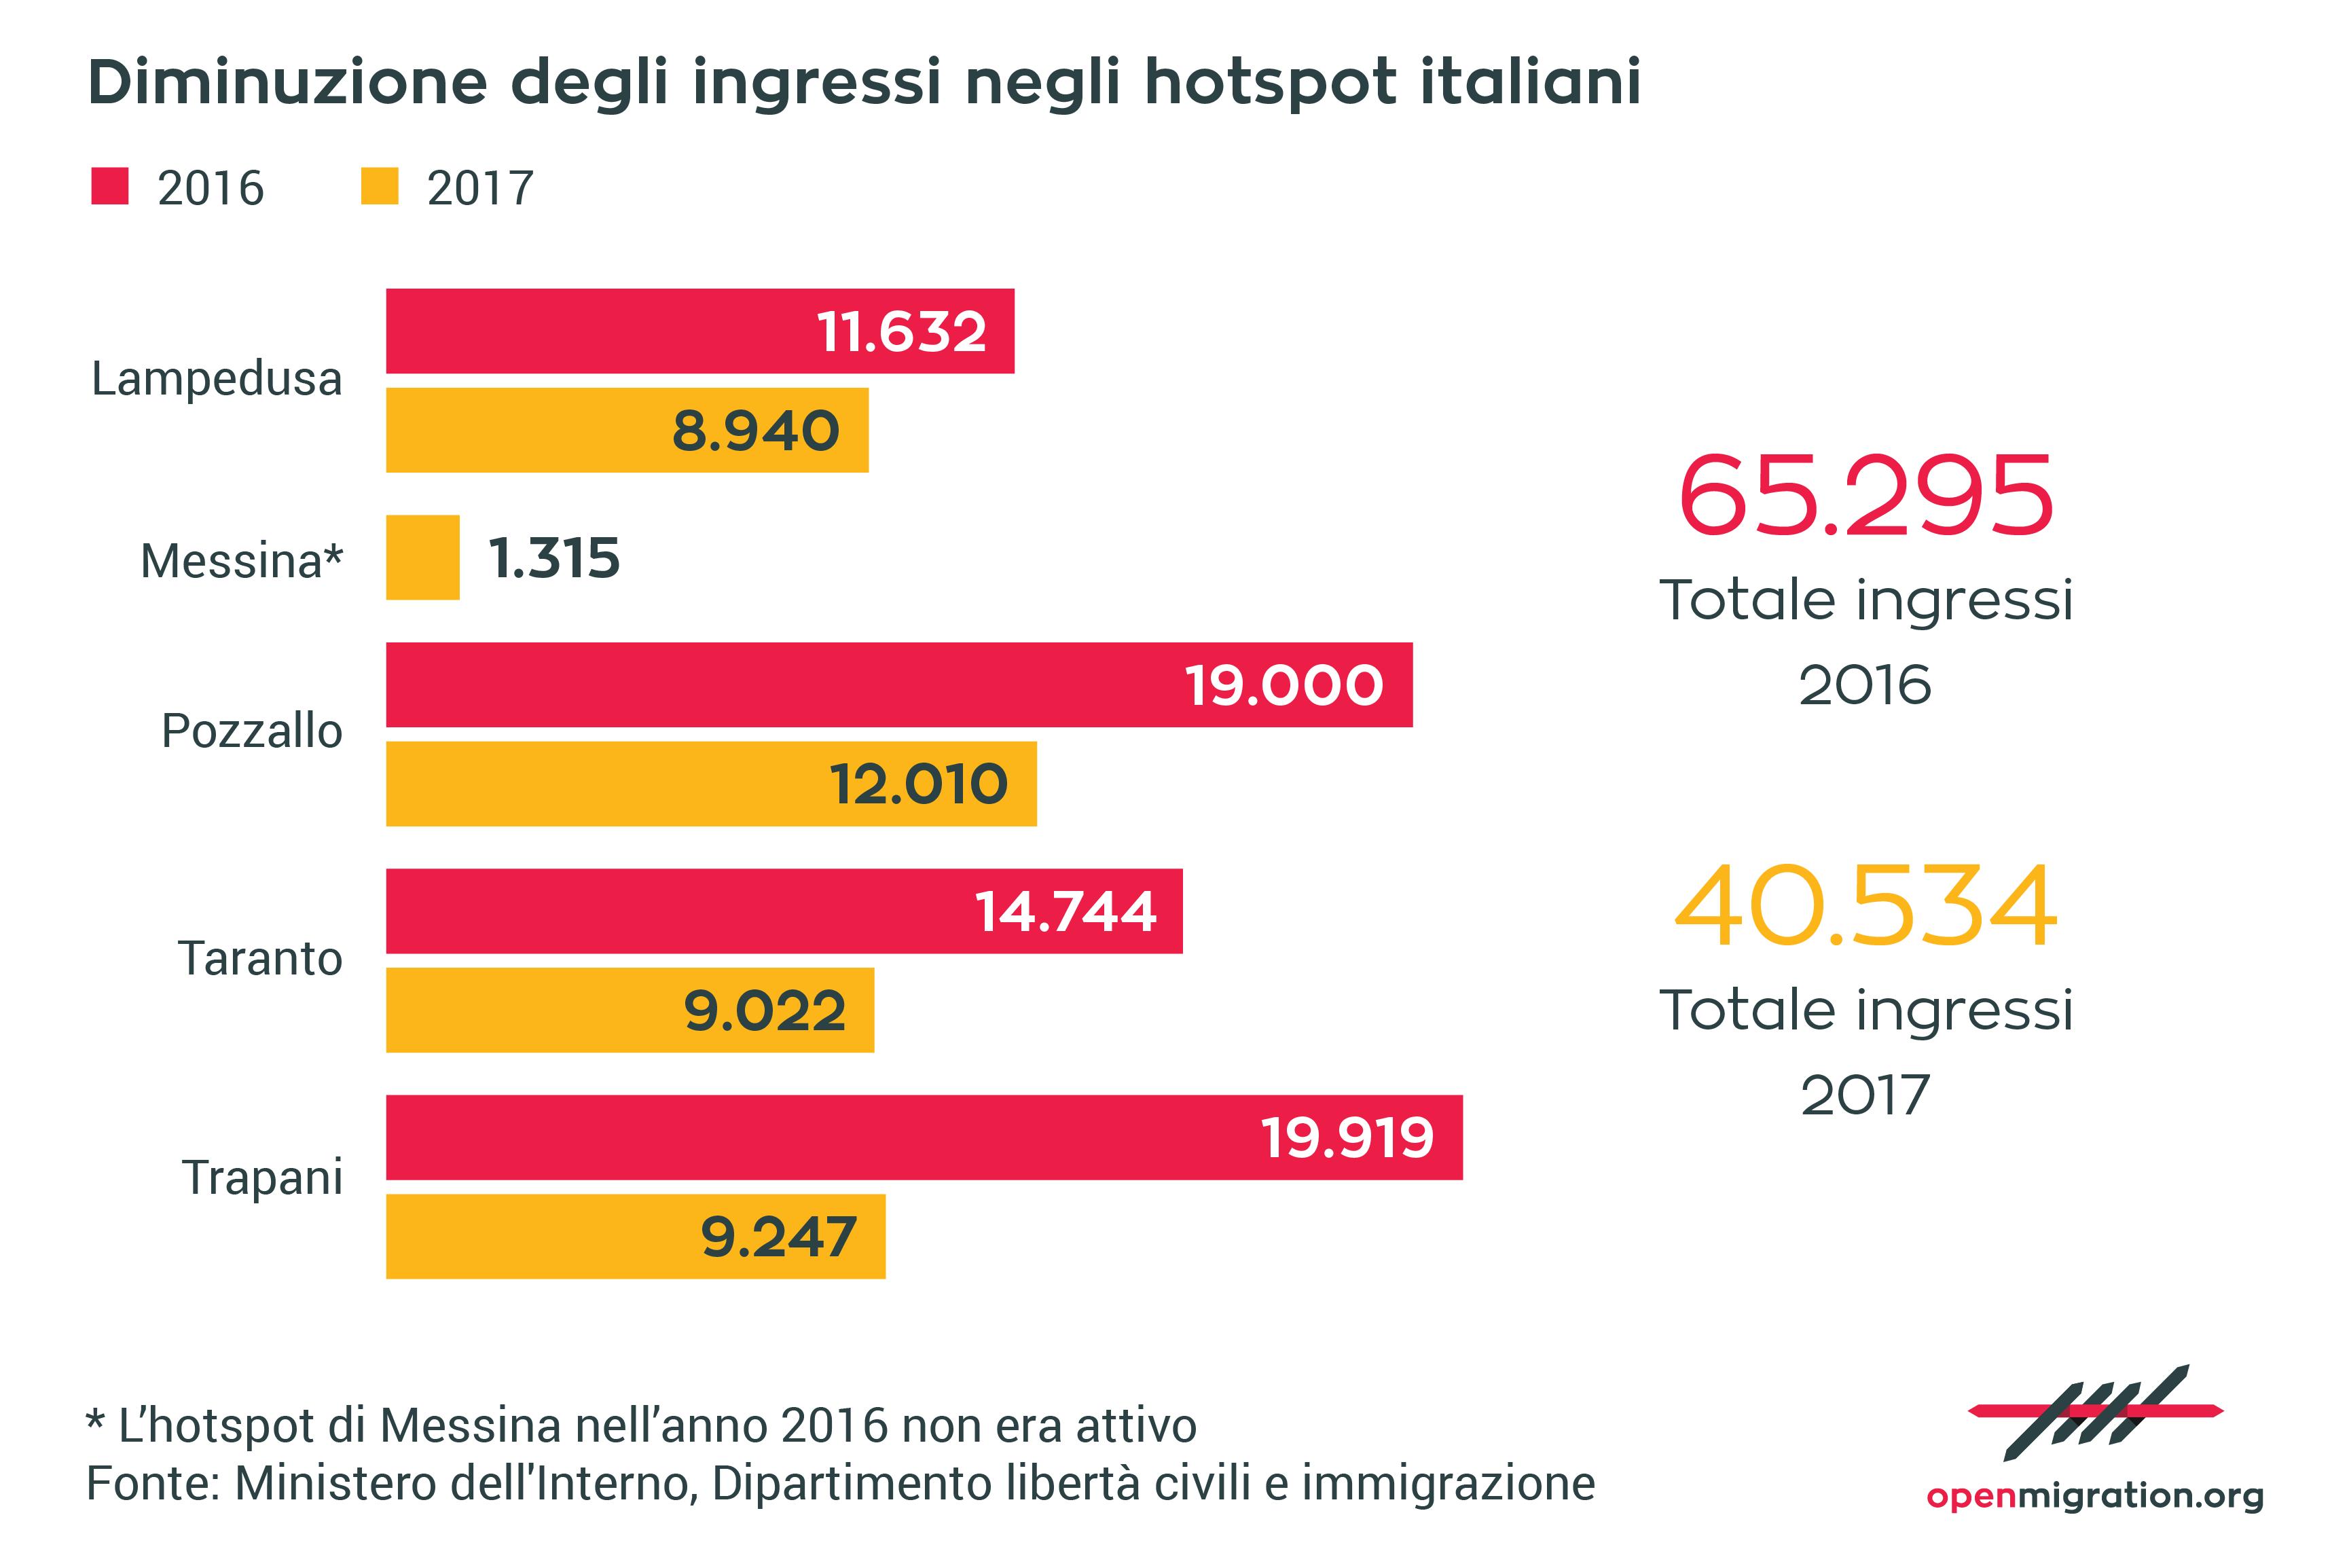 Diminuzione degli ingressi negli hotspot italiani